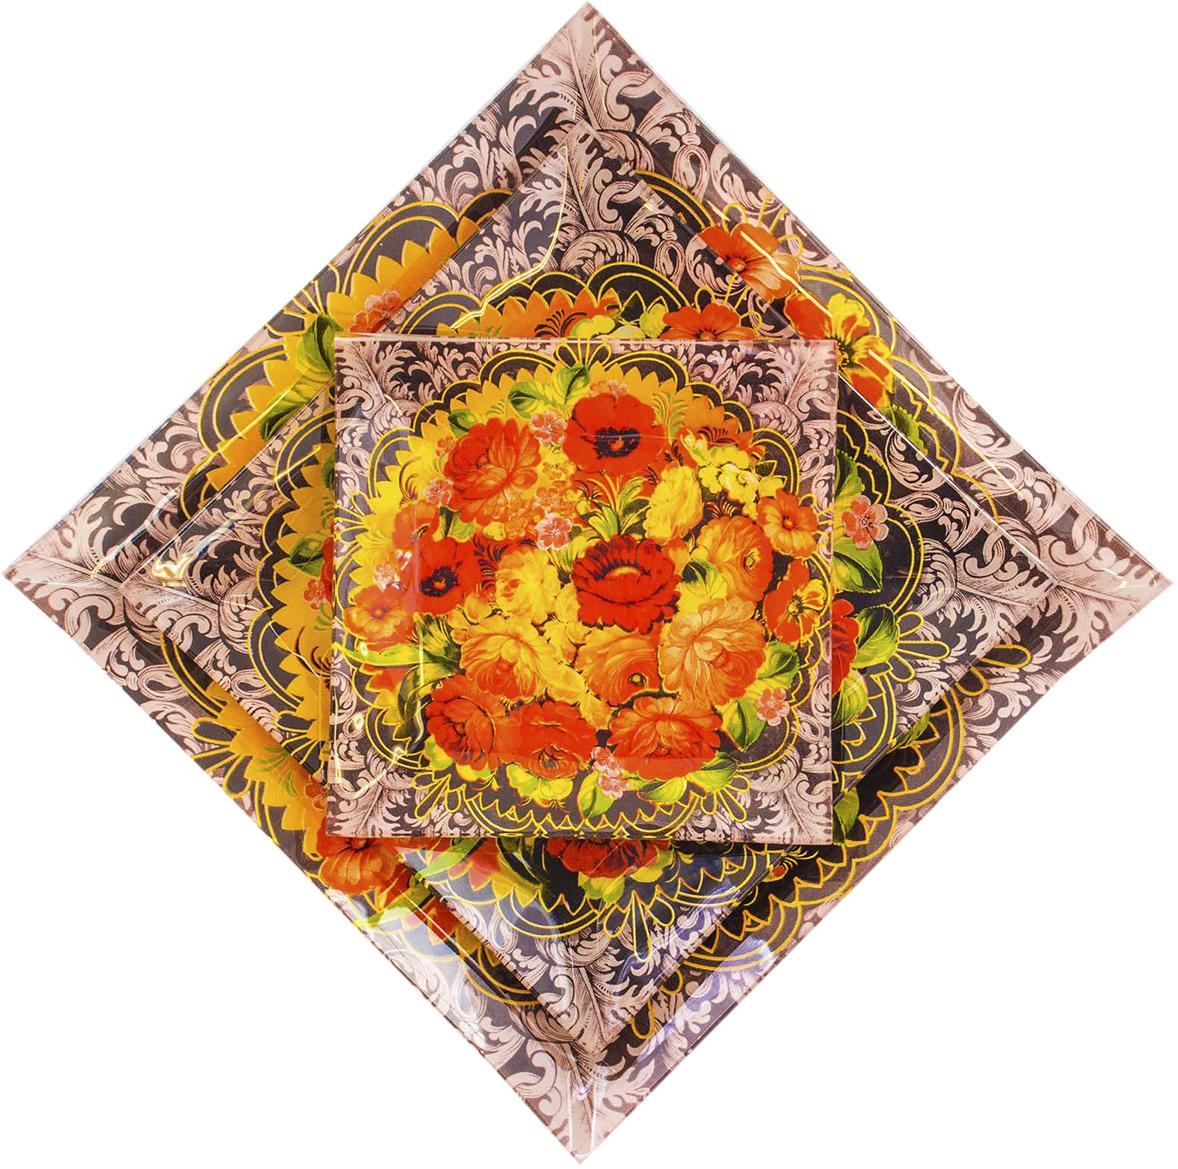 Набор тарелок Sima-land Жостово, 3 шт1866980Набор тарелок Sima-land Жостово украсит ваш праздничный стол. Яркий дизайнне оставит равнодушным. Набор не только красив, но и имеет ряд практических достоинств:стекло не впитывает запахов; материал отличается устойчивостью к сколам и царапинам при долговременномиспользовании. Для сохранения внешнего вида изделия избегайте применения высокоабразивных губок имоющих средств.